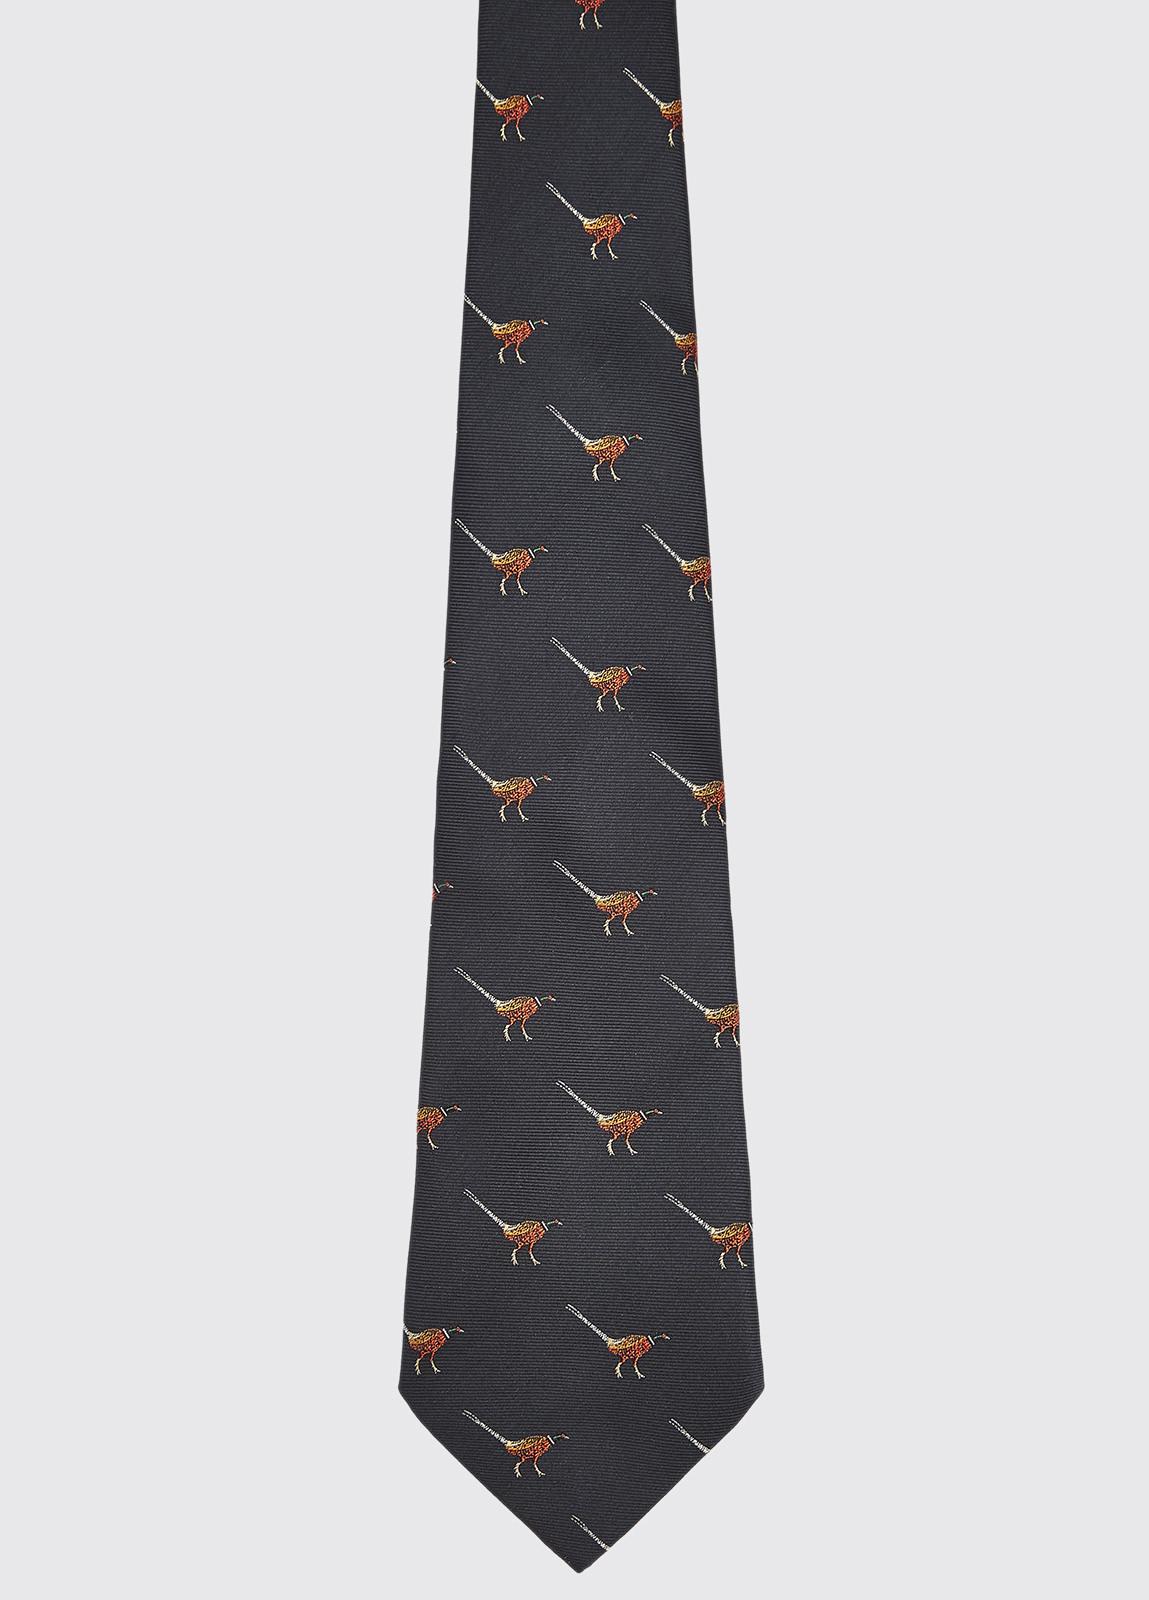 Madden Silk Tie - Navy